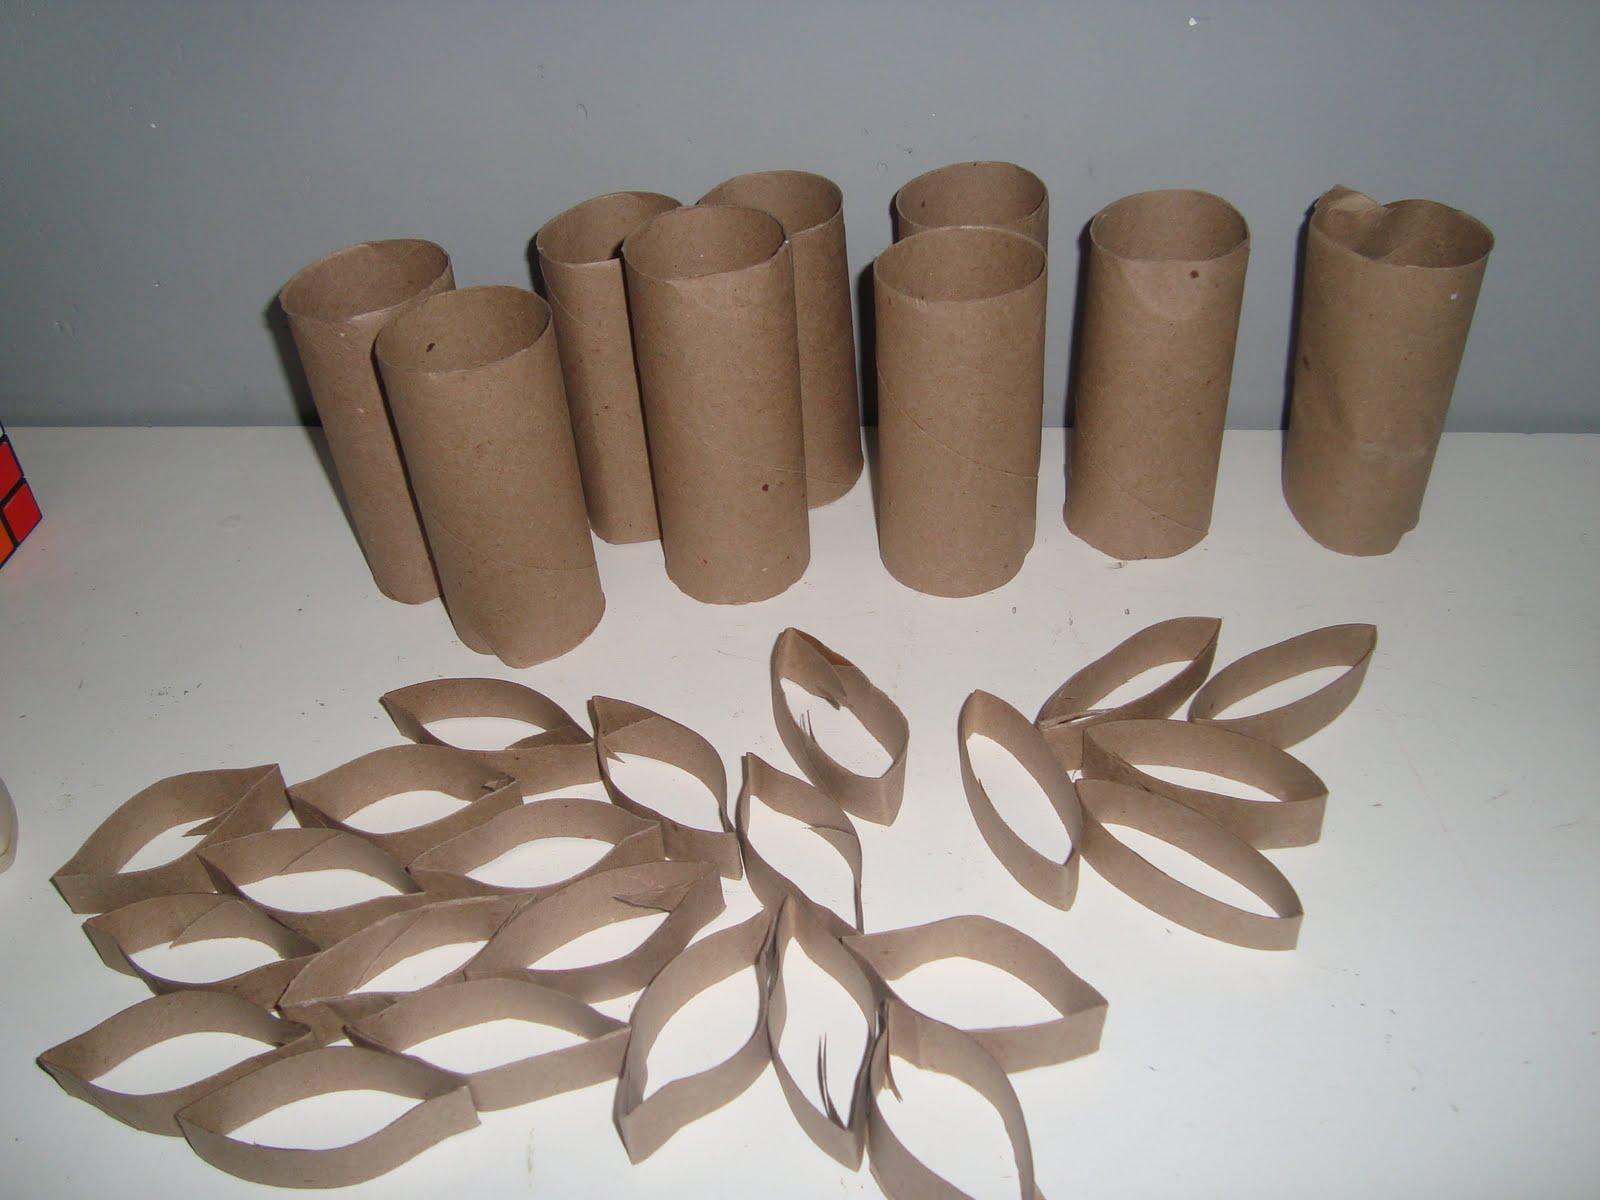 Manualidades pare reciclar tubos de cartn parte 3 Quiero ms diseo